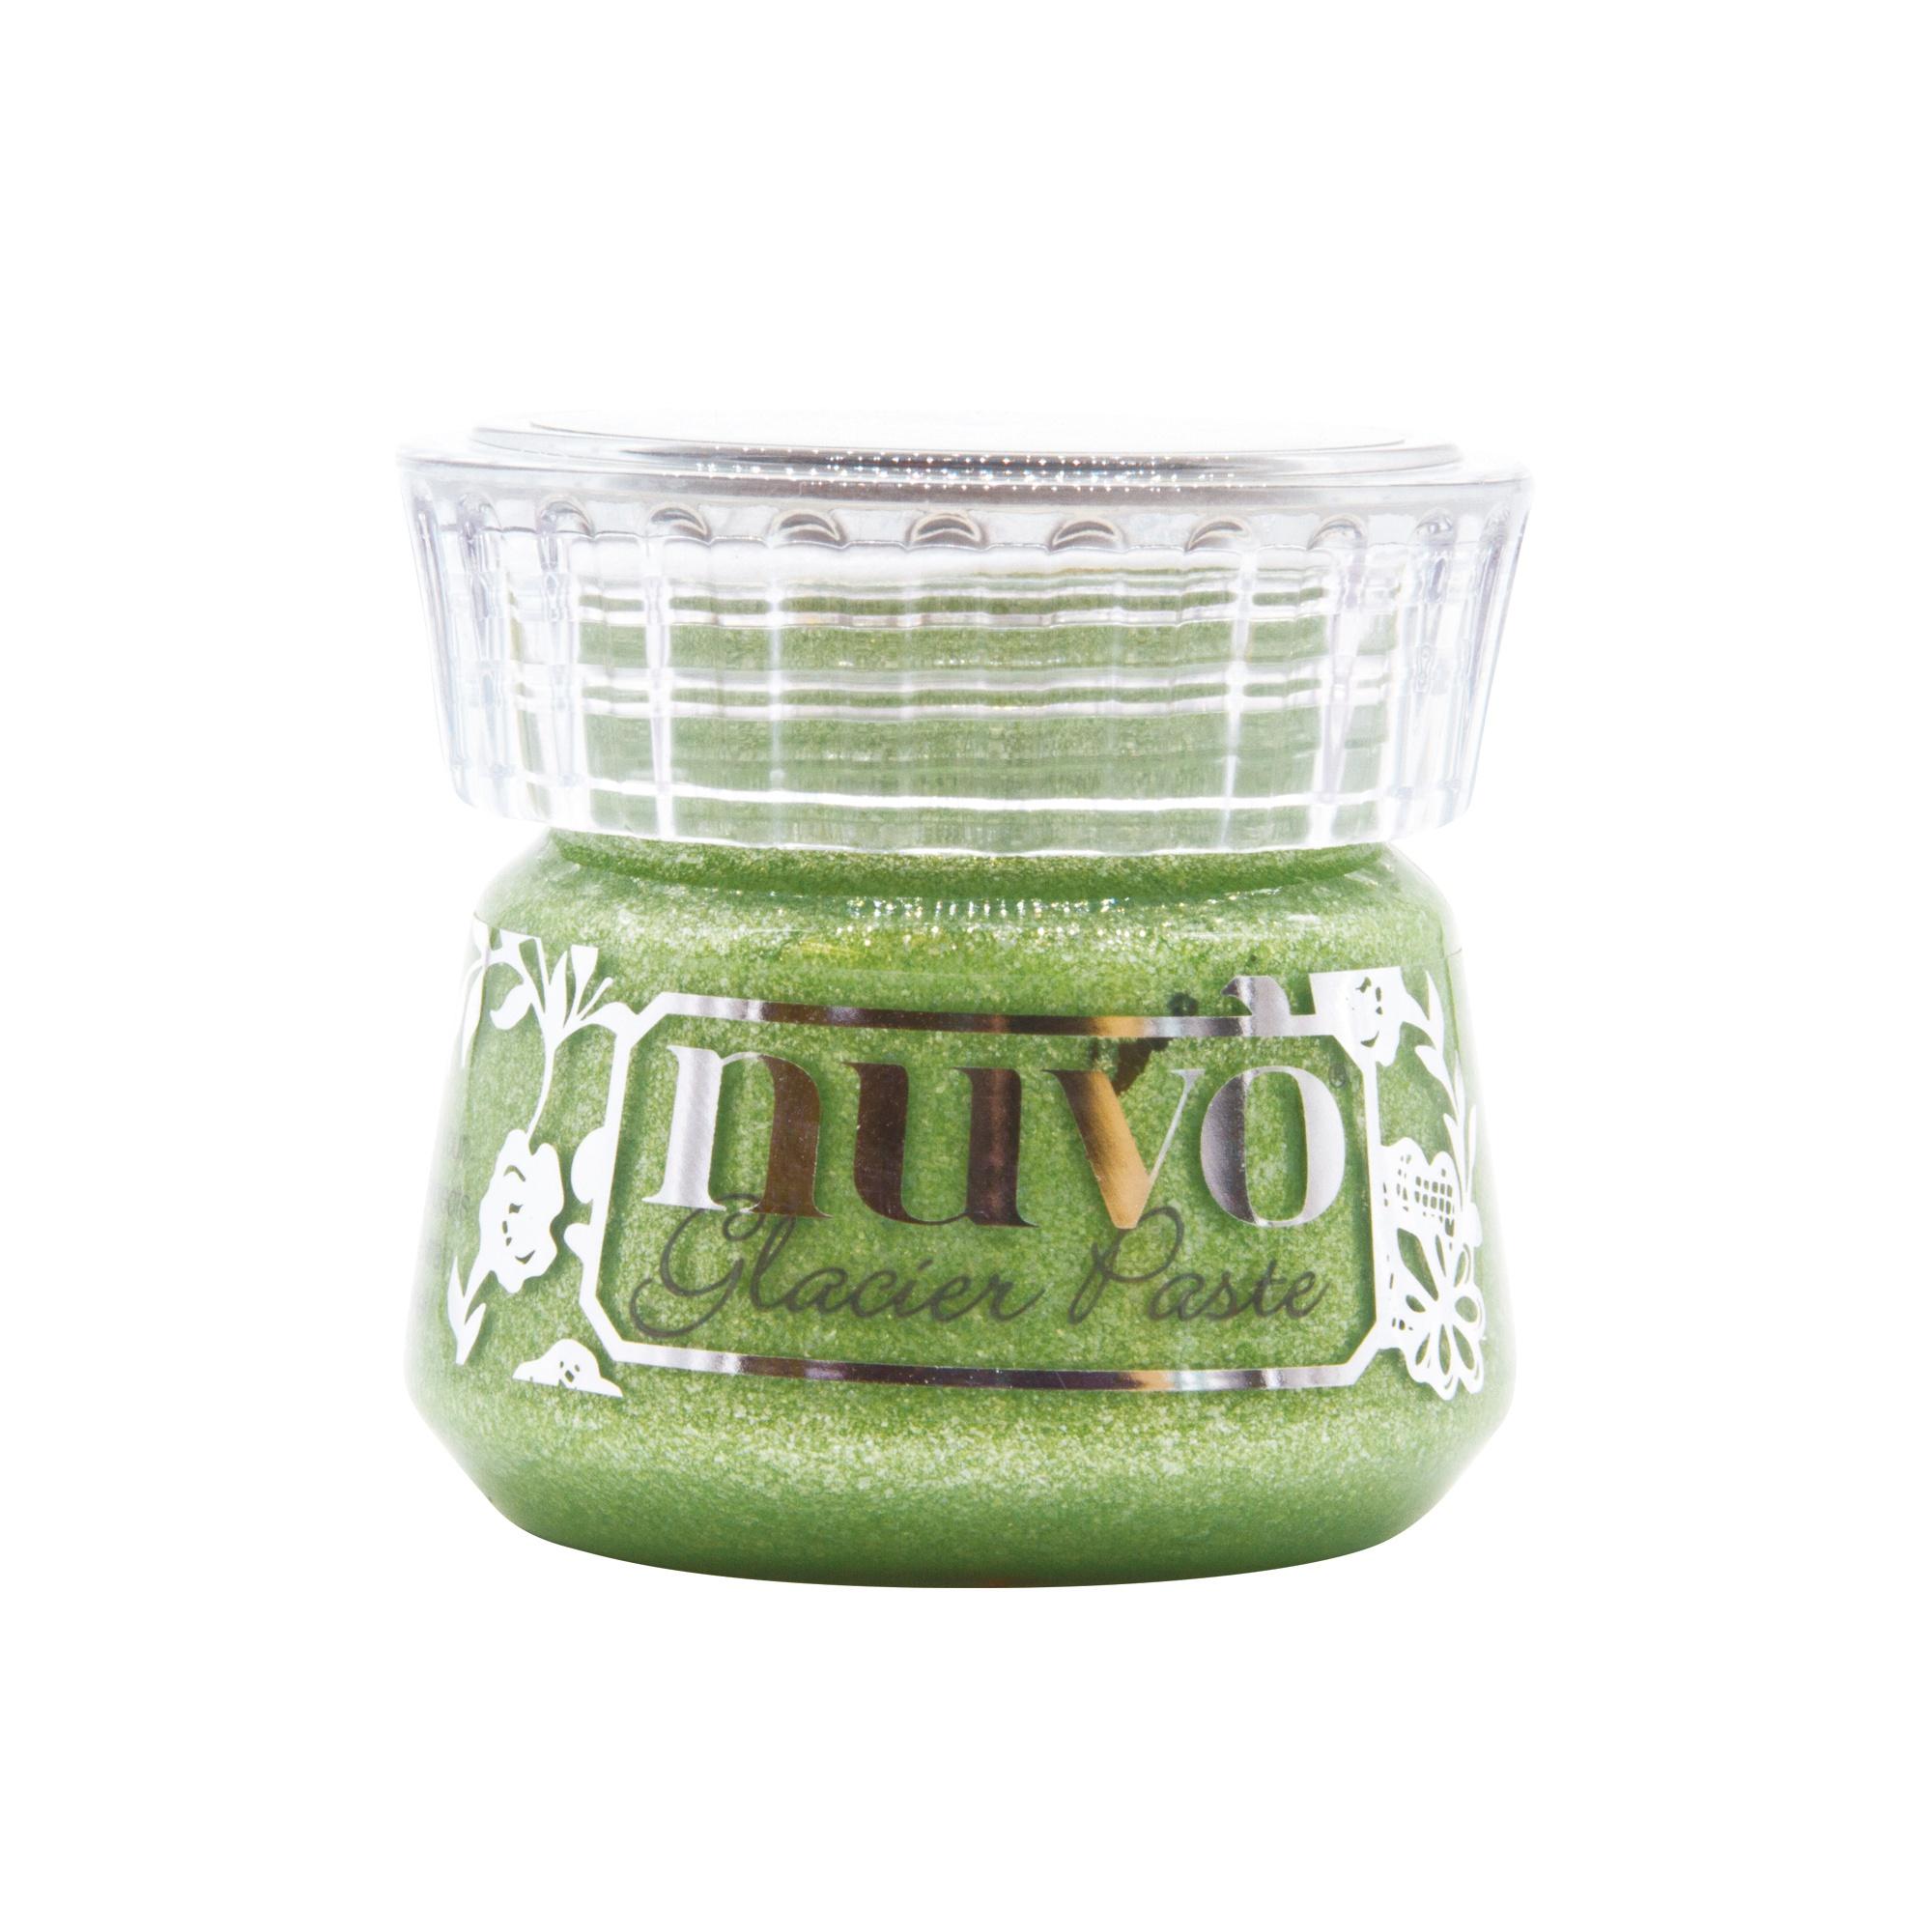 Nuvo Glacier Paste 1.6oz-Green Envy